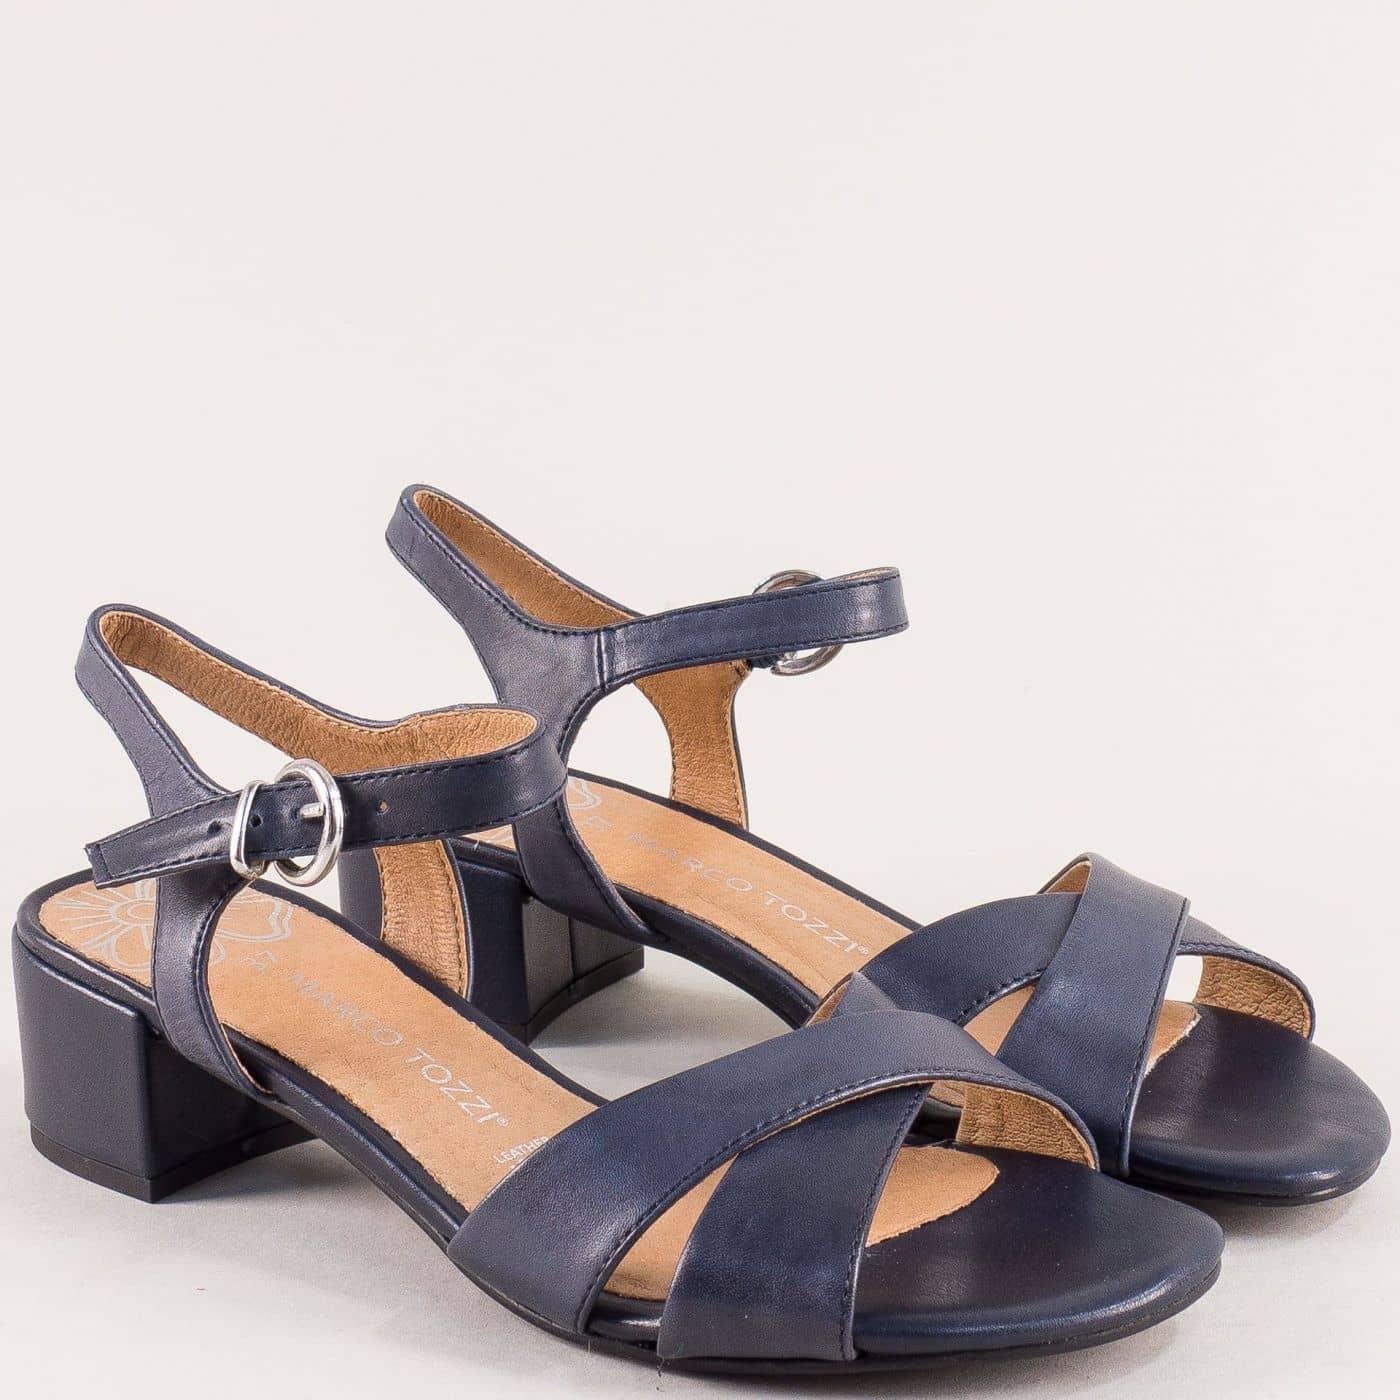 7b5082a57e8 Сини дамски сандали на нисък ток от естествена кожа 228216s - Sisi-bg.com